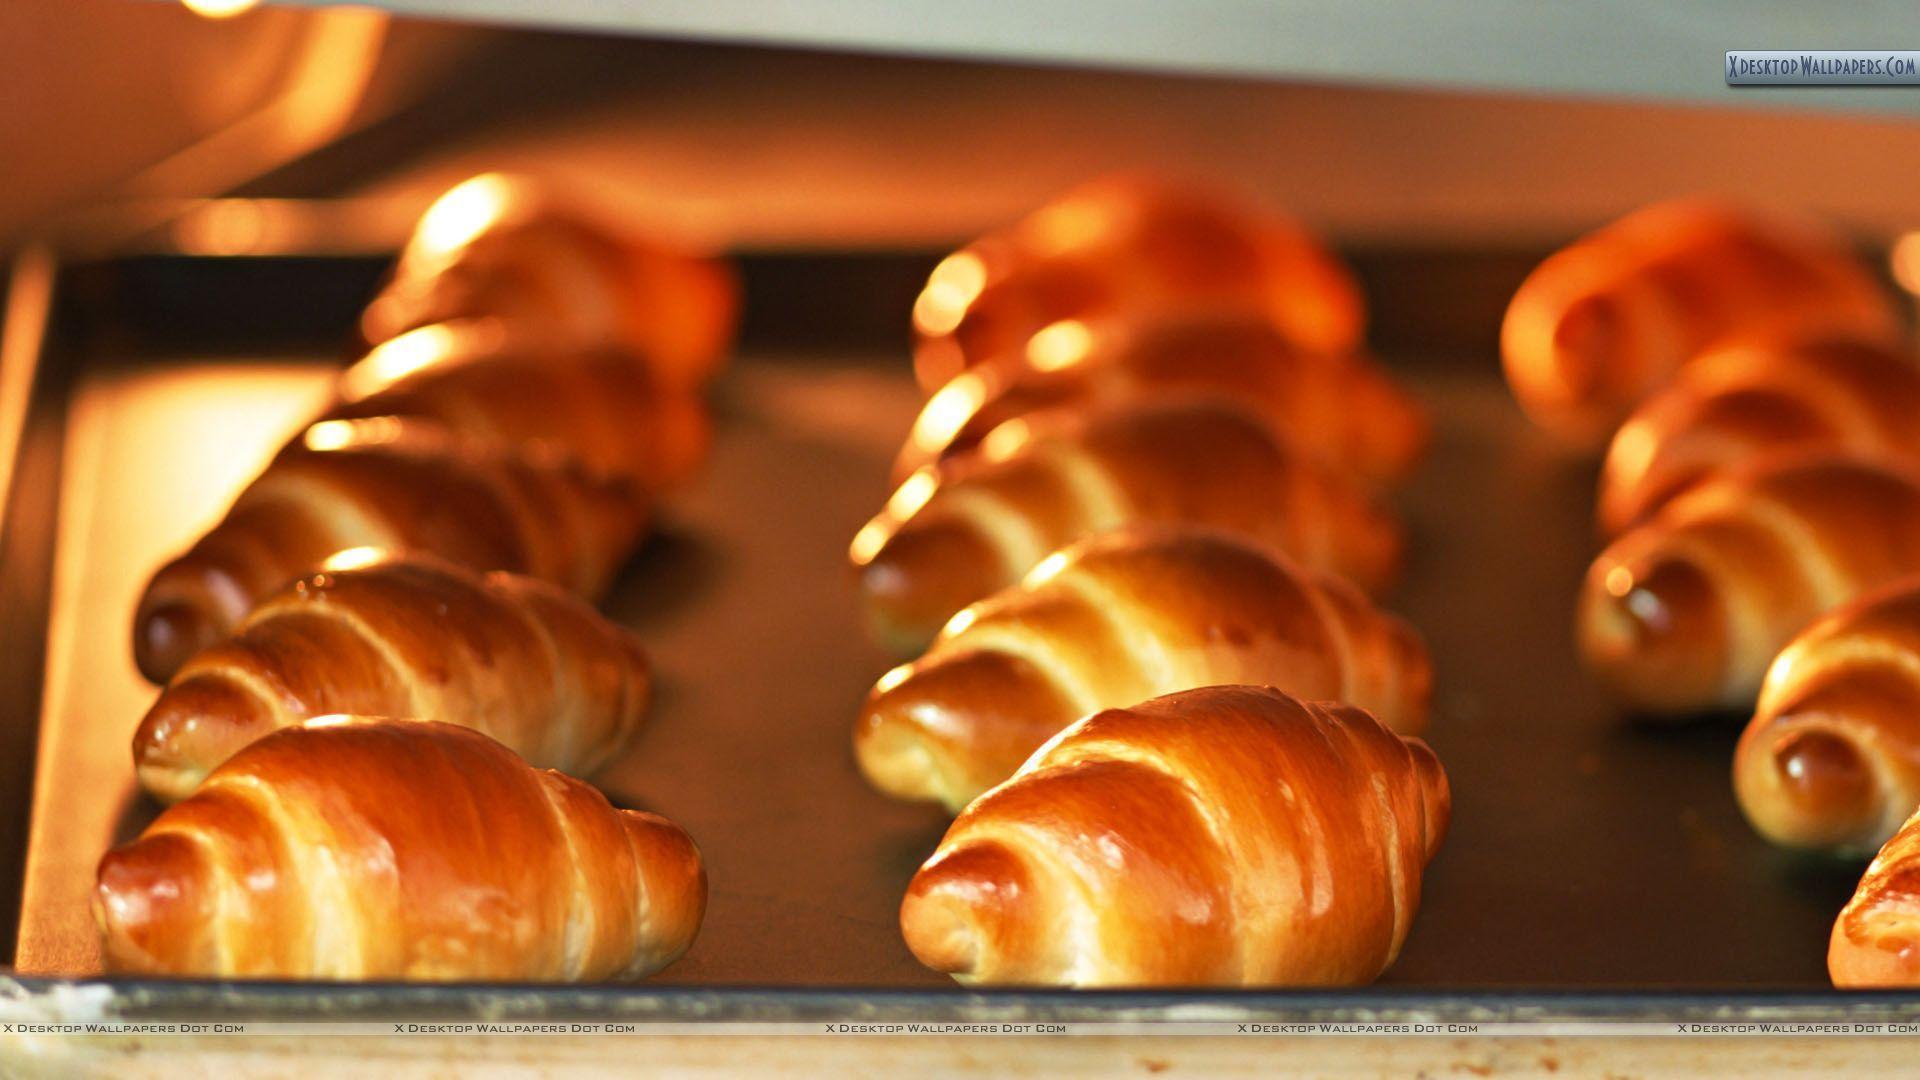 Hot Cookies Baking Wallpaper